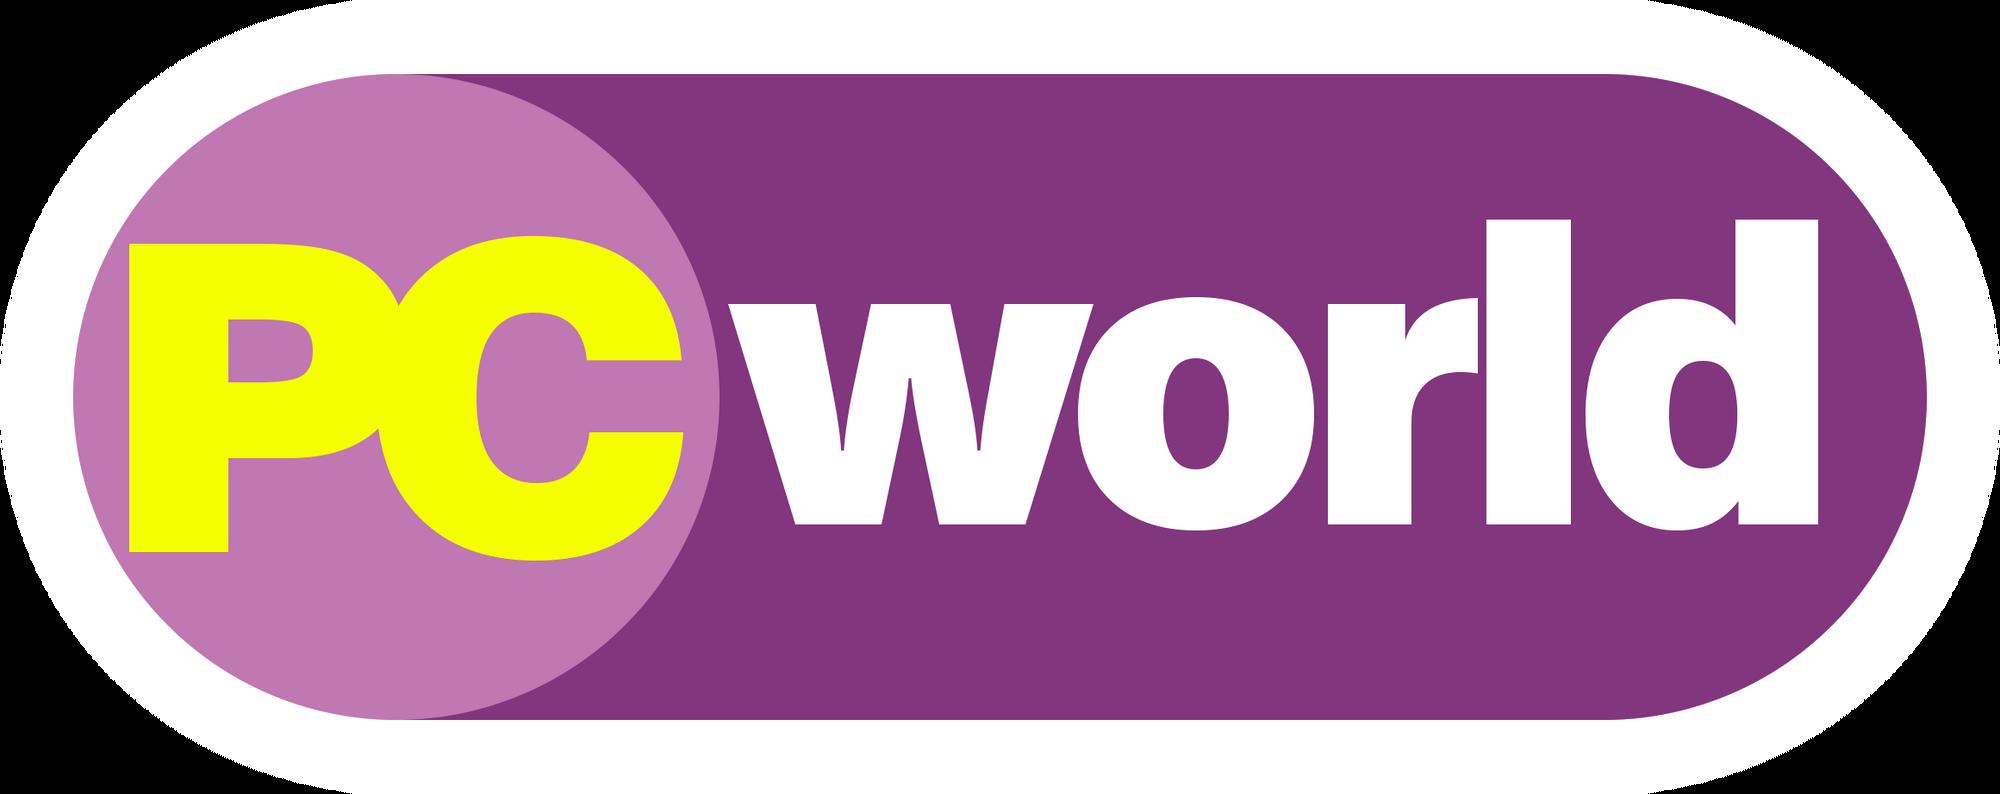 PC World   Logopedia   FANDOM powered by Wikia